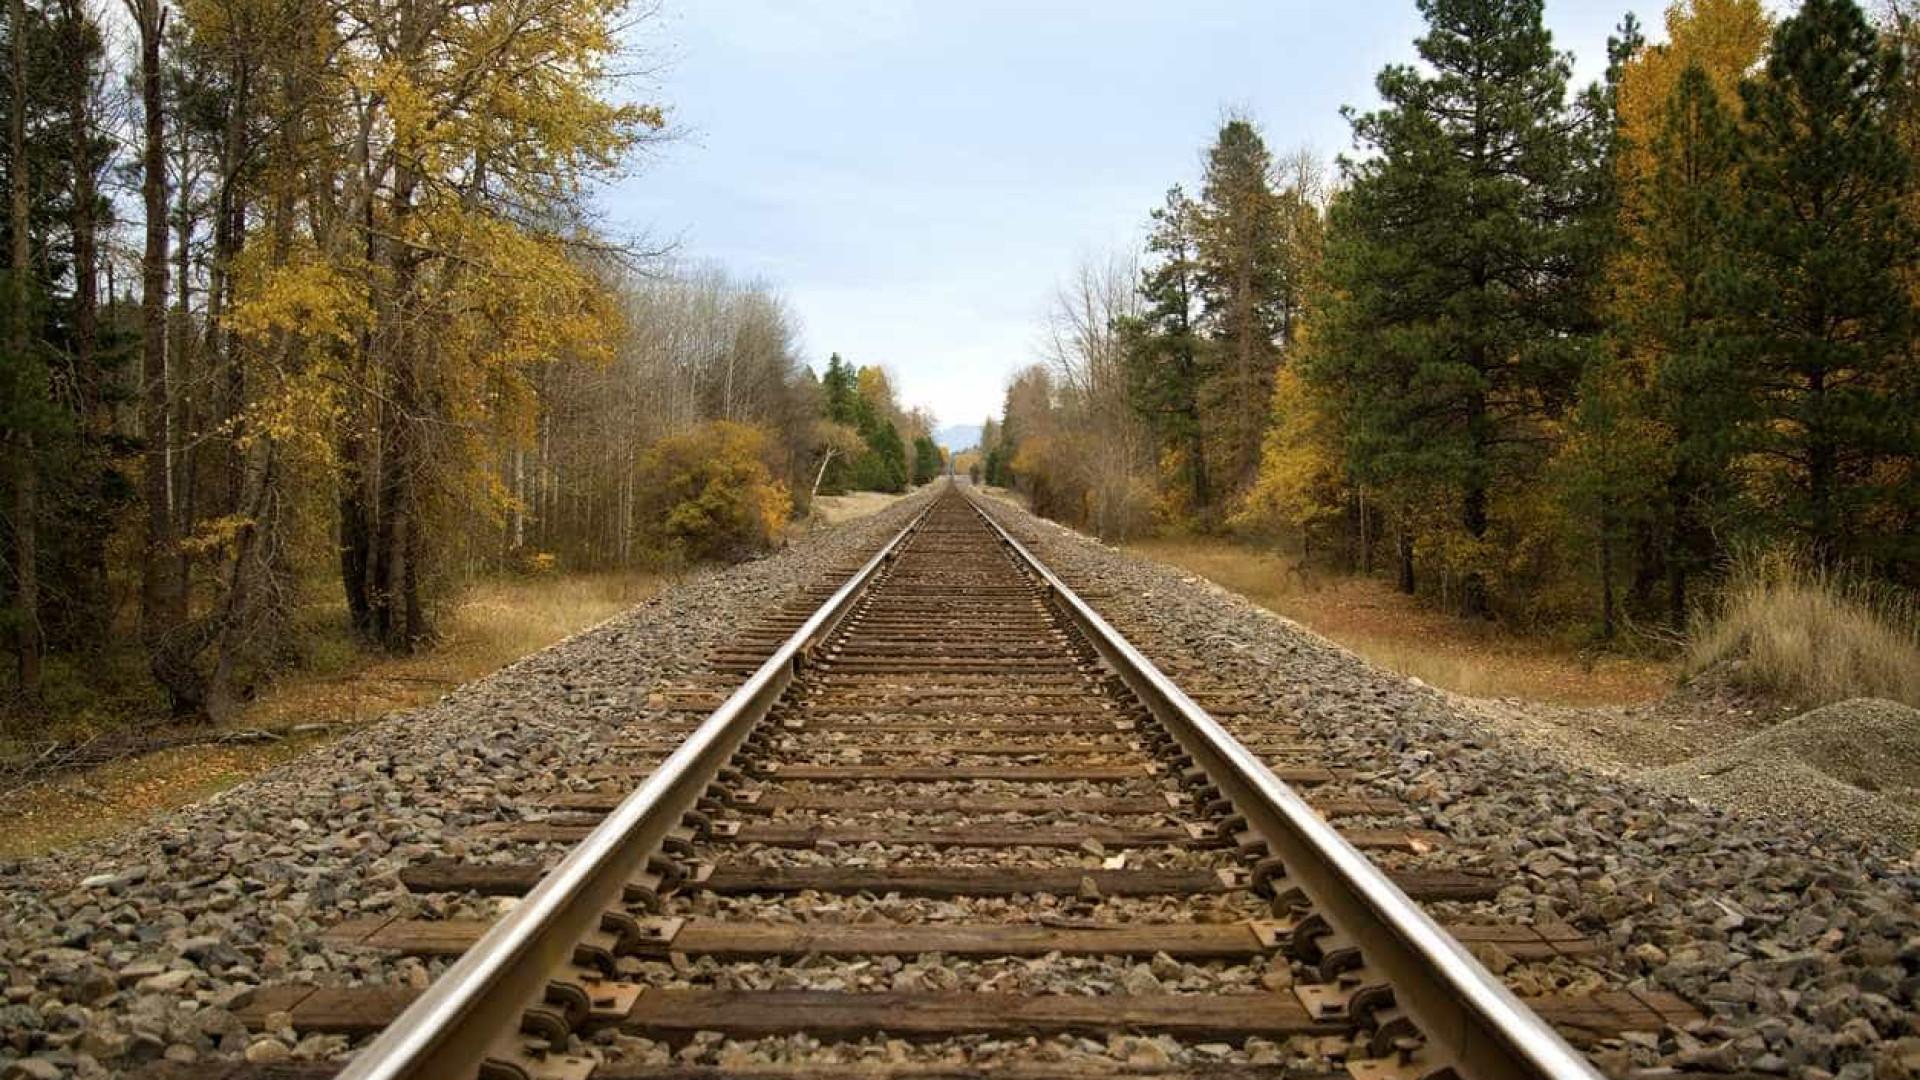 IP prevê investir mais de 225 milhões na rede rodoviária e ferroviária